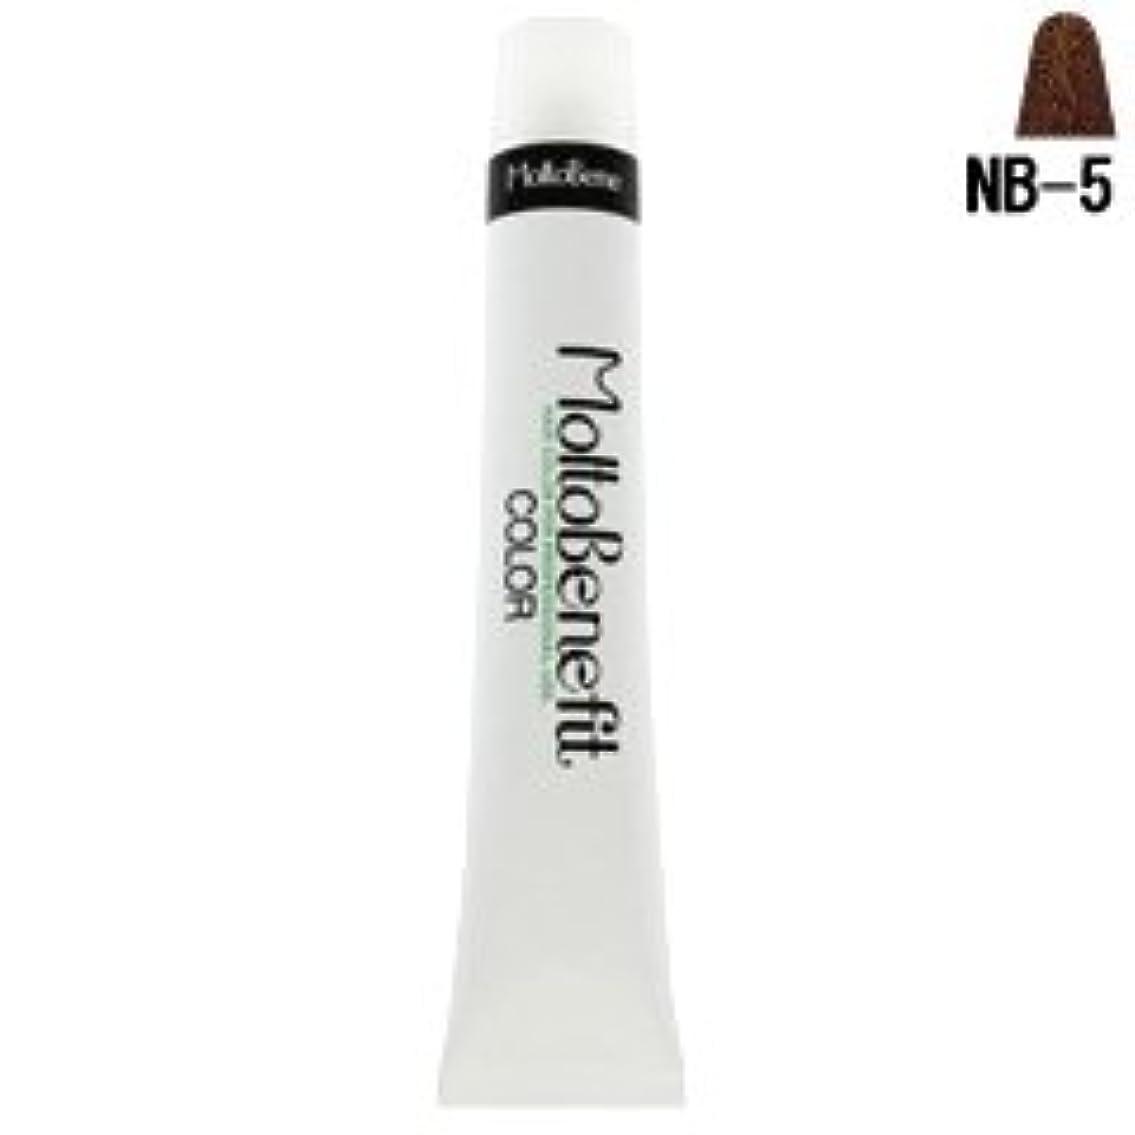 流行ネックレットオーバーラン【モルトベーネ】フィットカラー グレイナチュラルカラー NB-5 ナチュラルブラウン 60g